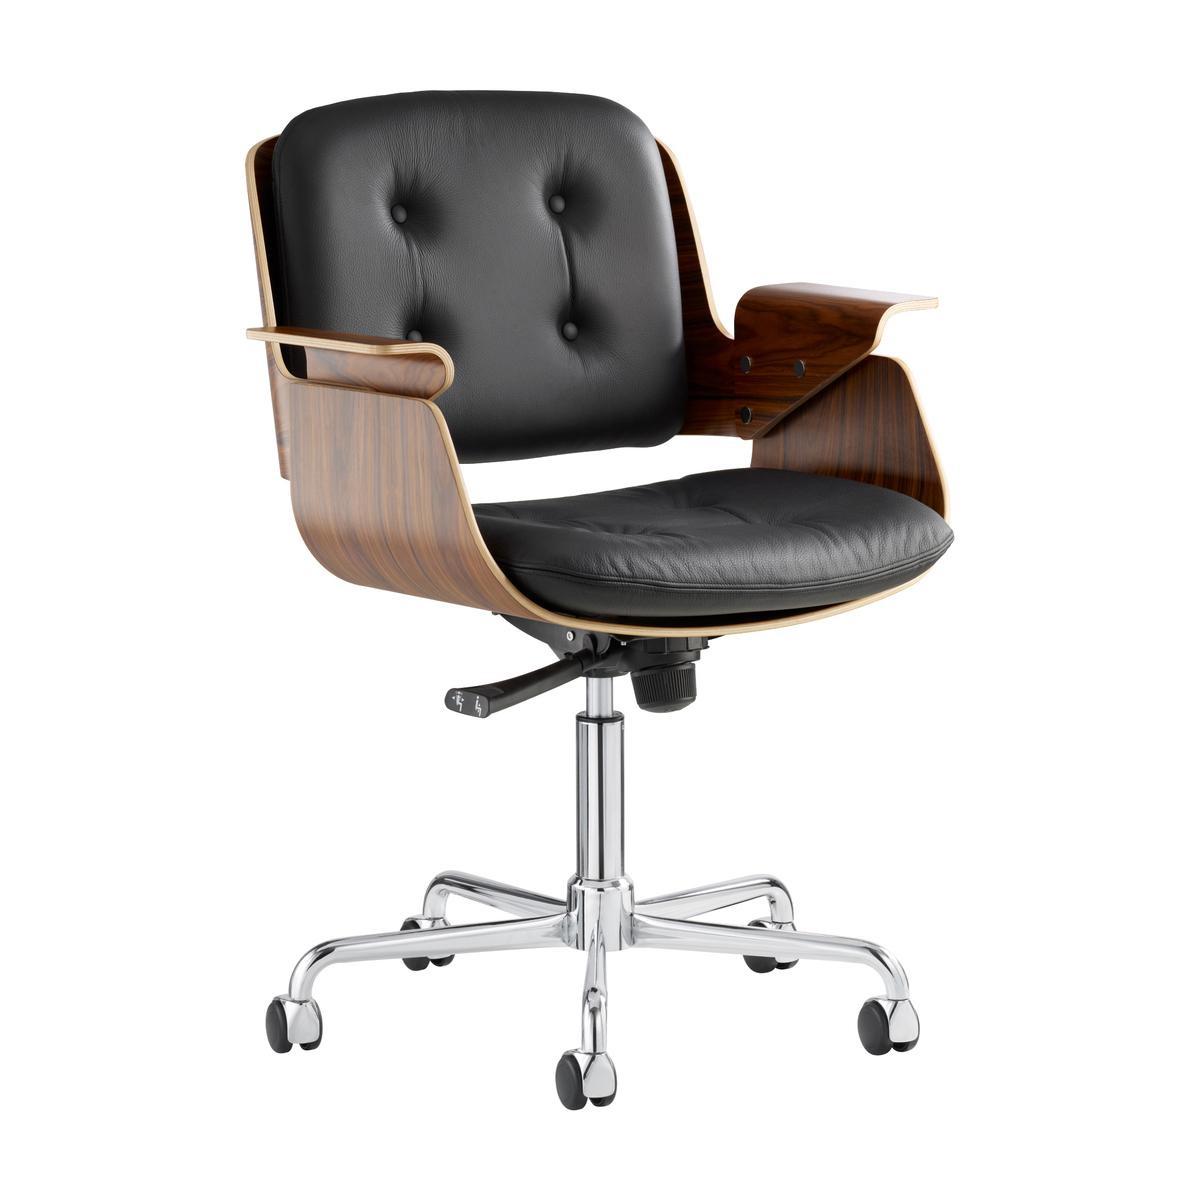 TECTA - Tecta D49 Schreibtischsessel mit Rollen - Palisander/ Leder schwarz/Drehgestell: Stahlrohr verchromt/höhenverstellbar von 88 bis 102 cm/mit   Büro > Bürostühle und Sessel  > Chefsessel   TECTA